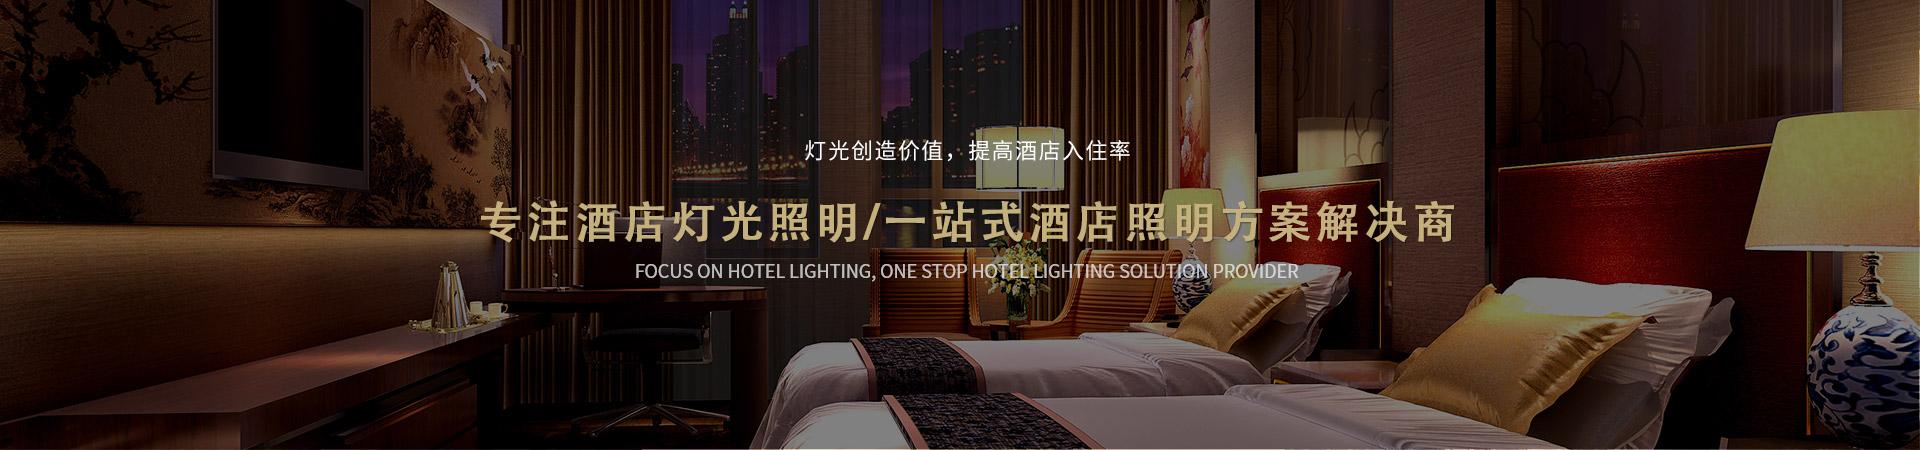 名泓照明-灯光创造价值,提高酒店入住率 专注酒店灯光照明, 一站式酒店照明方案解决商